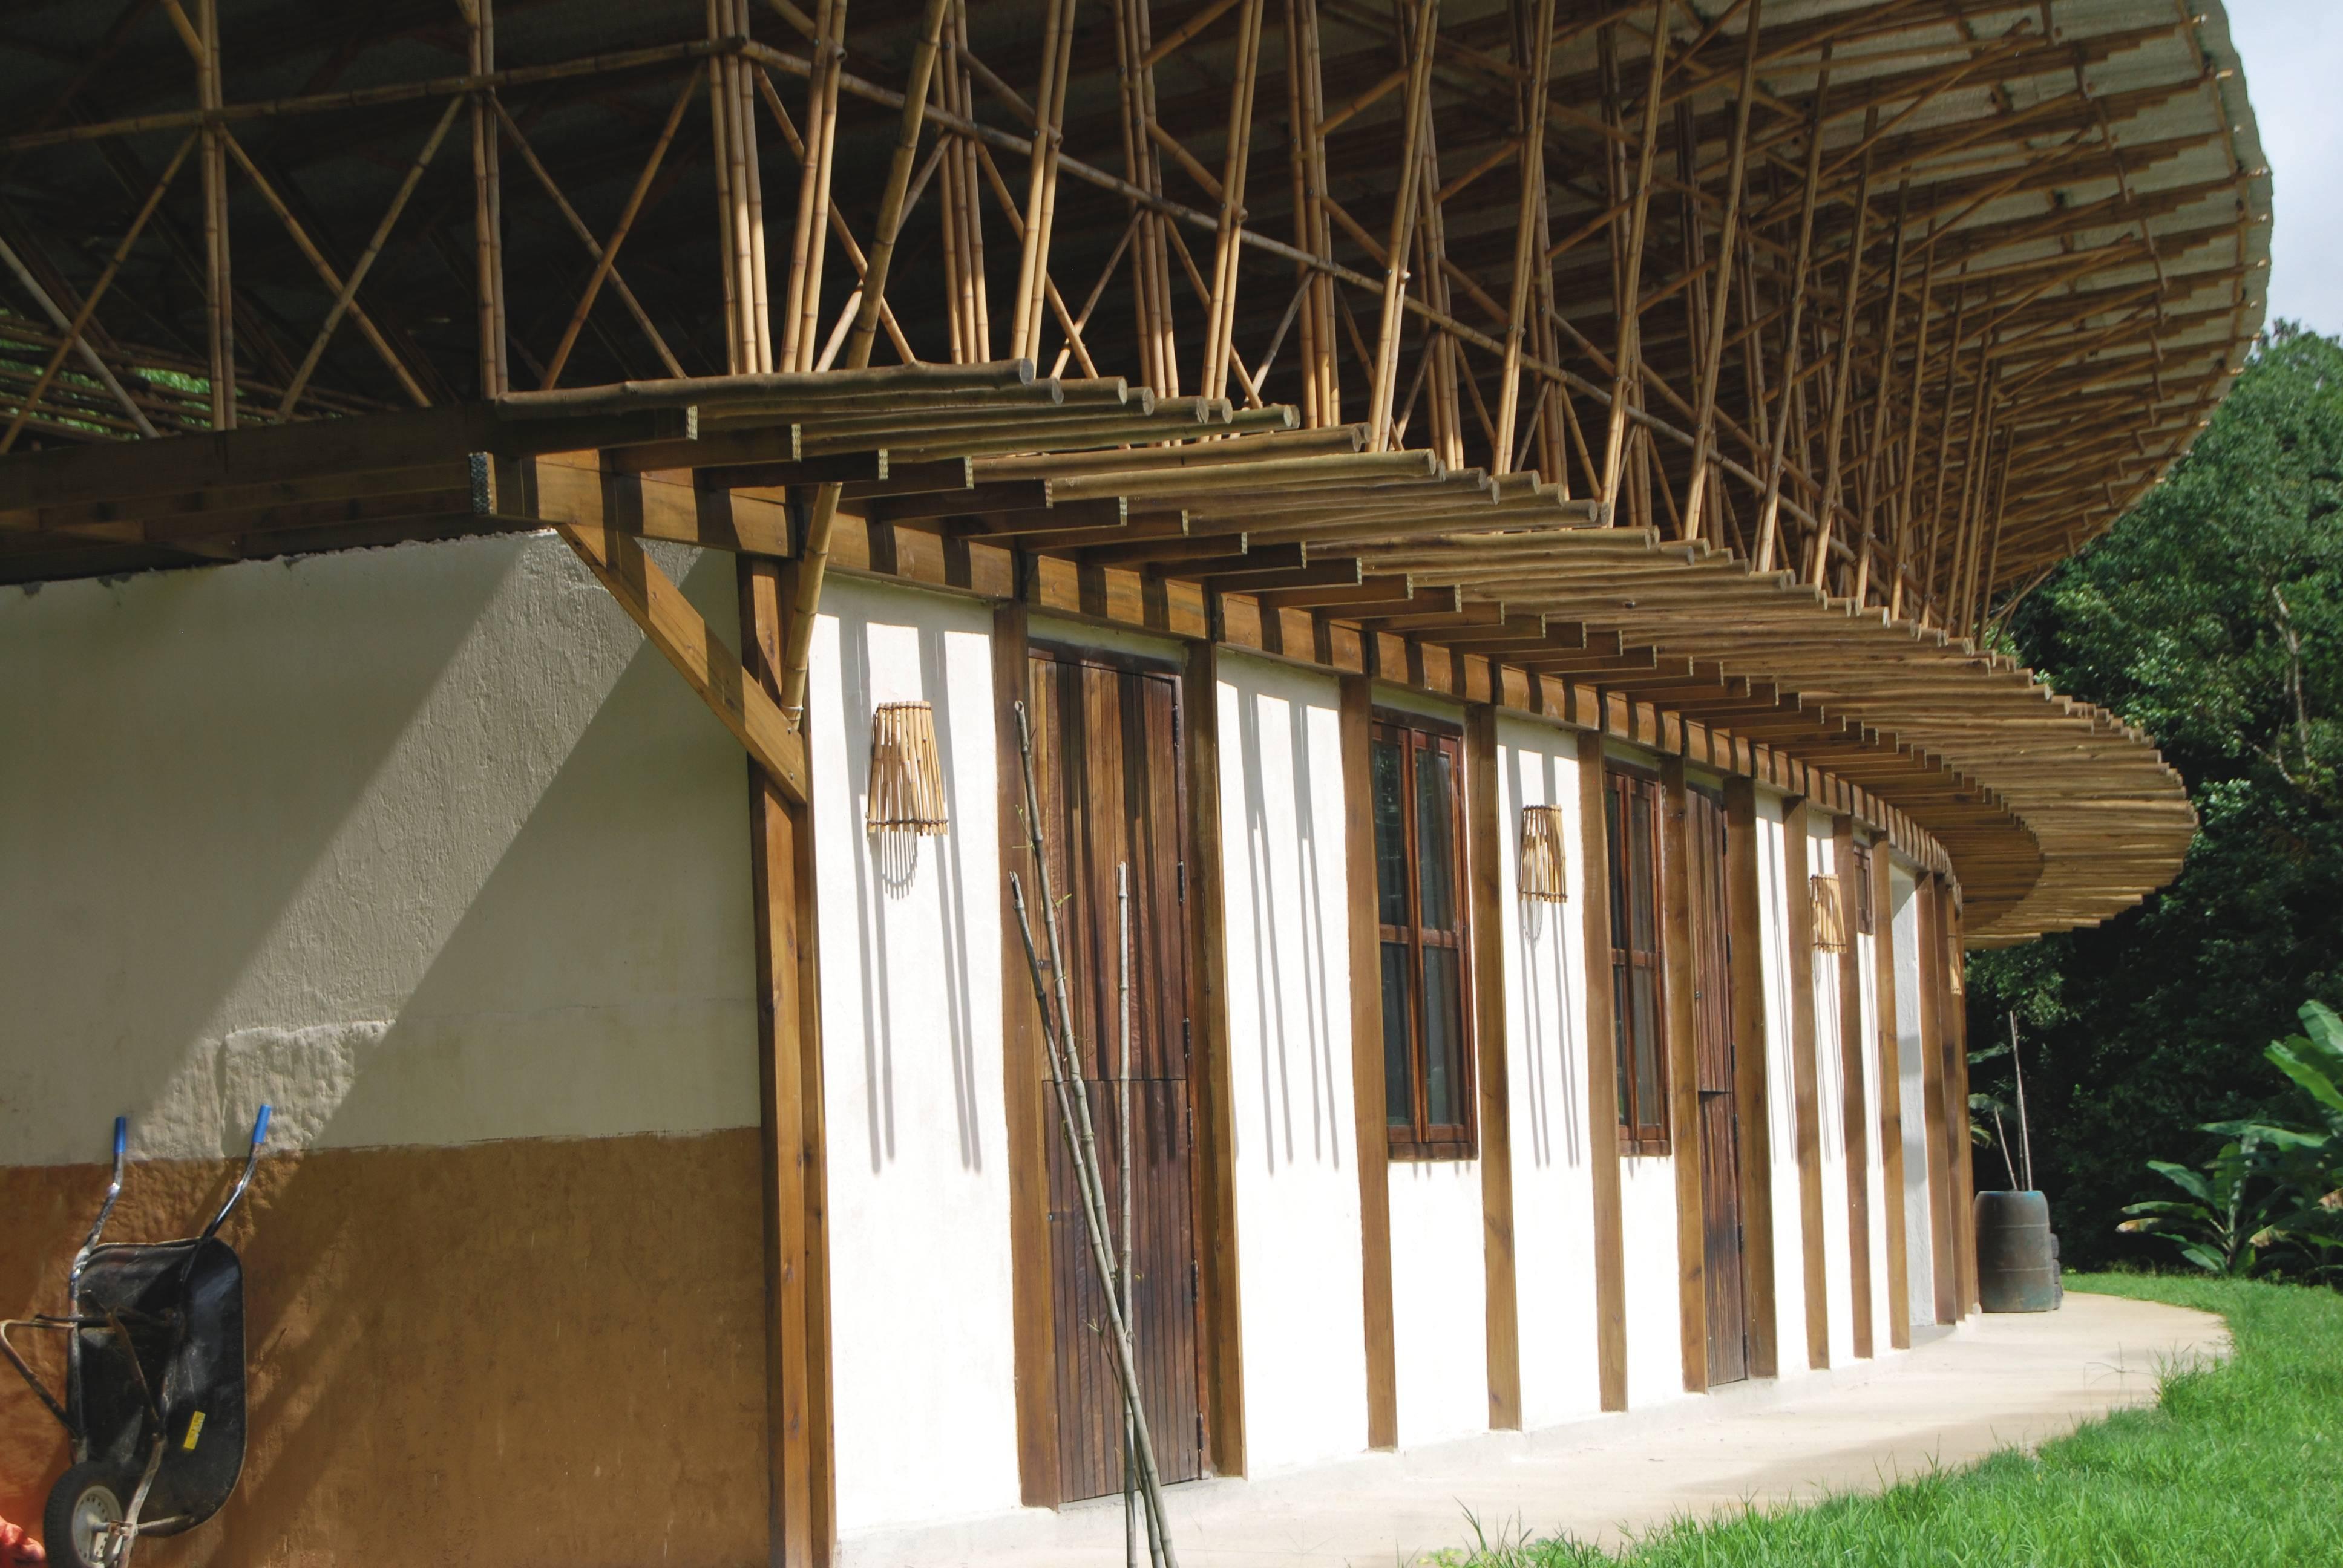 A estrutura da construção dentro do Ekôa Park, em Morretes, é composta por bambu em feixes e treliças, materiais abundantes na região. Foto: Tomaz Lotufo